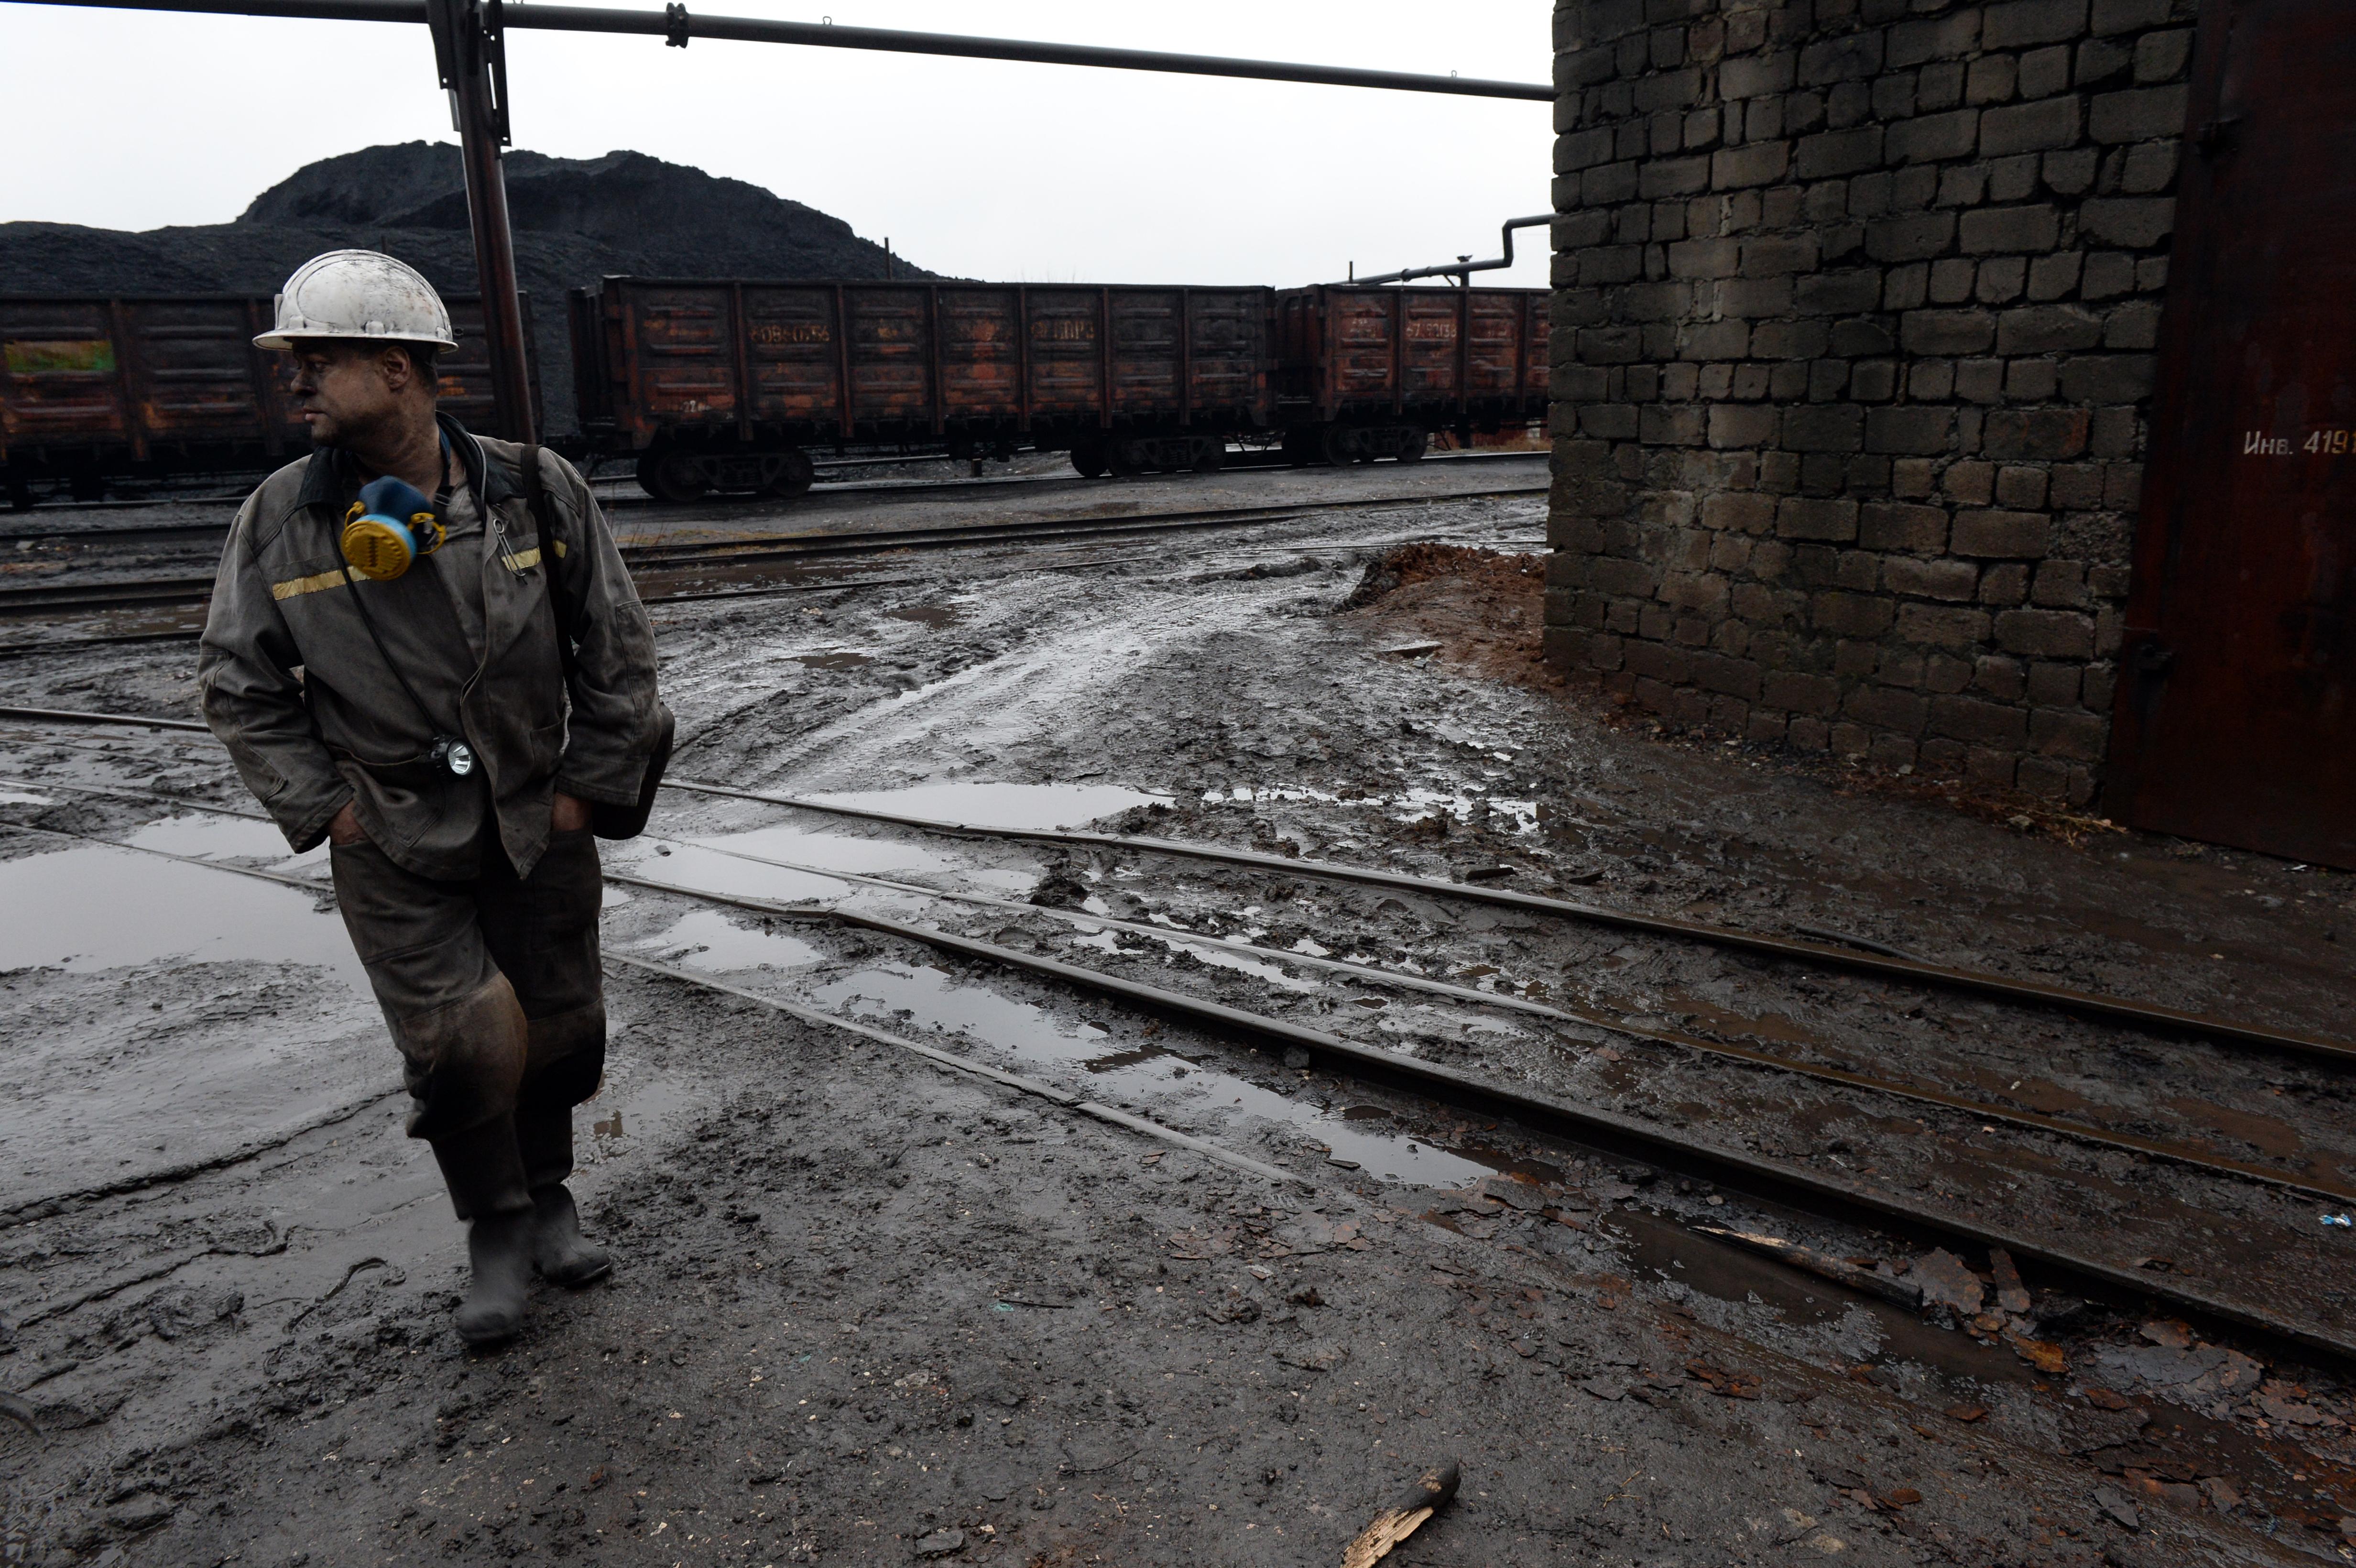 Kétszer annyi ukrán vendégmunkást vár a cseh kormány, mint korábban